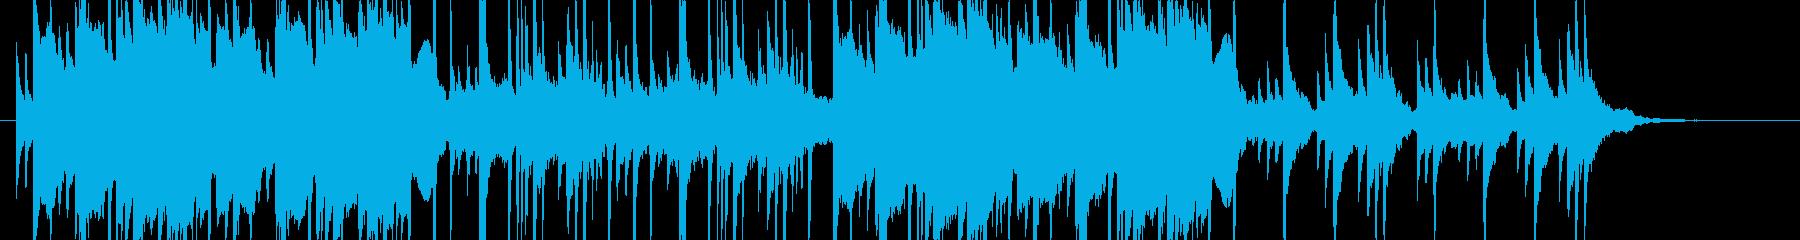 和風・ホラーっぽい不思議系BGMの再生済みの波形